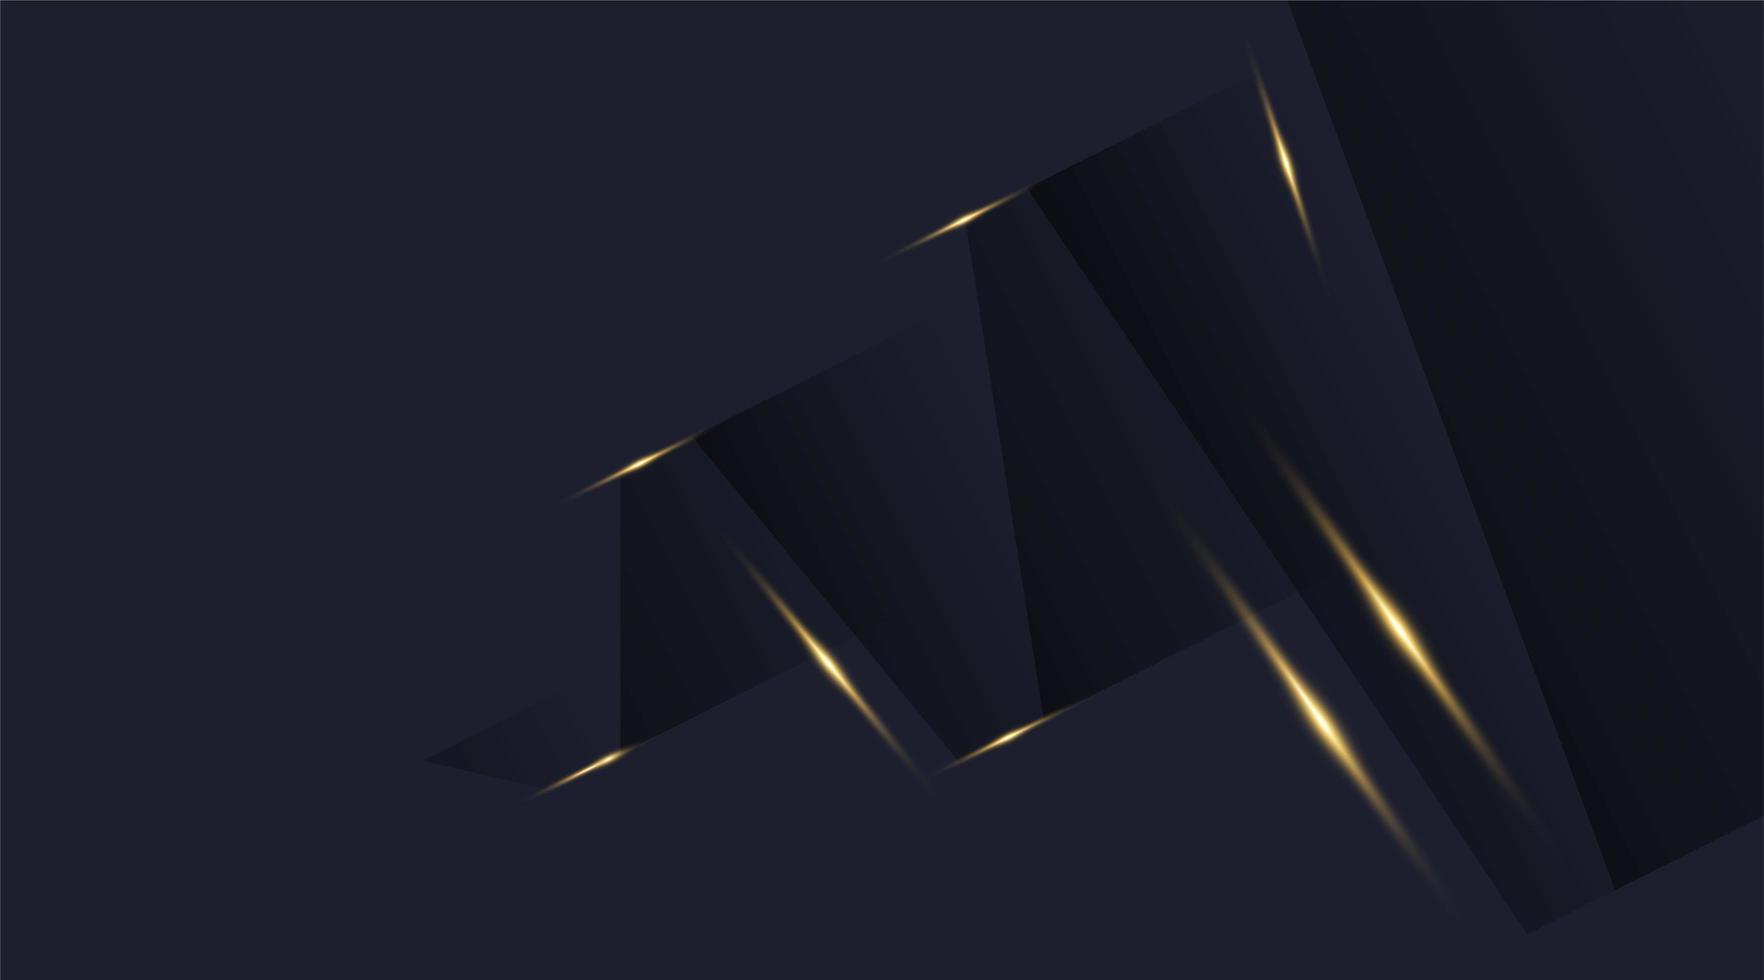 Hintergrund des Vektorgrafikdesigns, modernes abstraktes blaues Schwarz, dunkle Schatten und glänzender Goldschimmer vektor